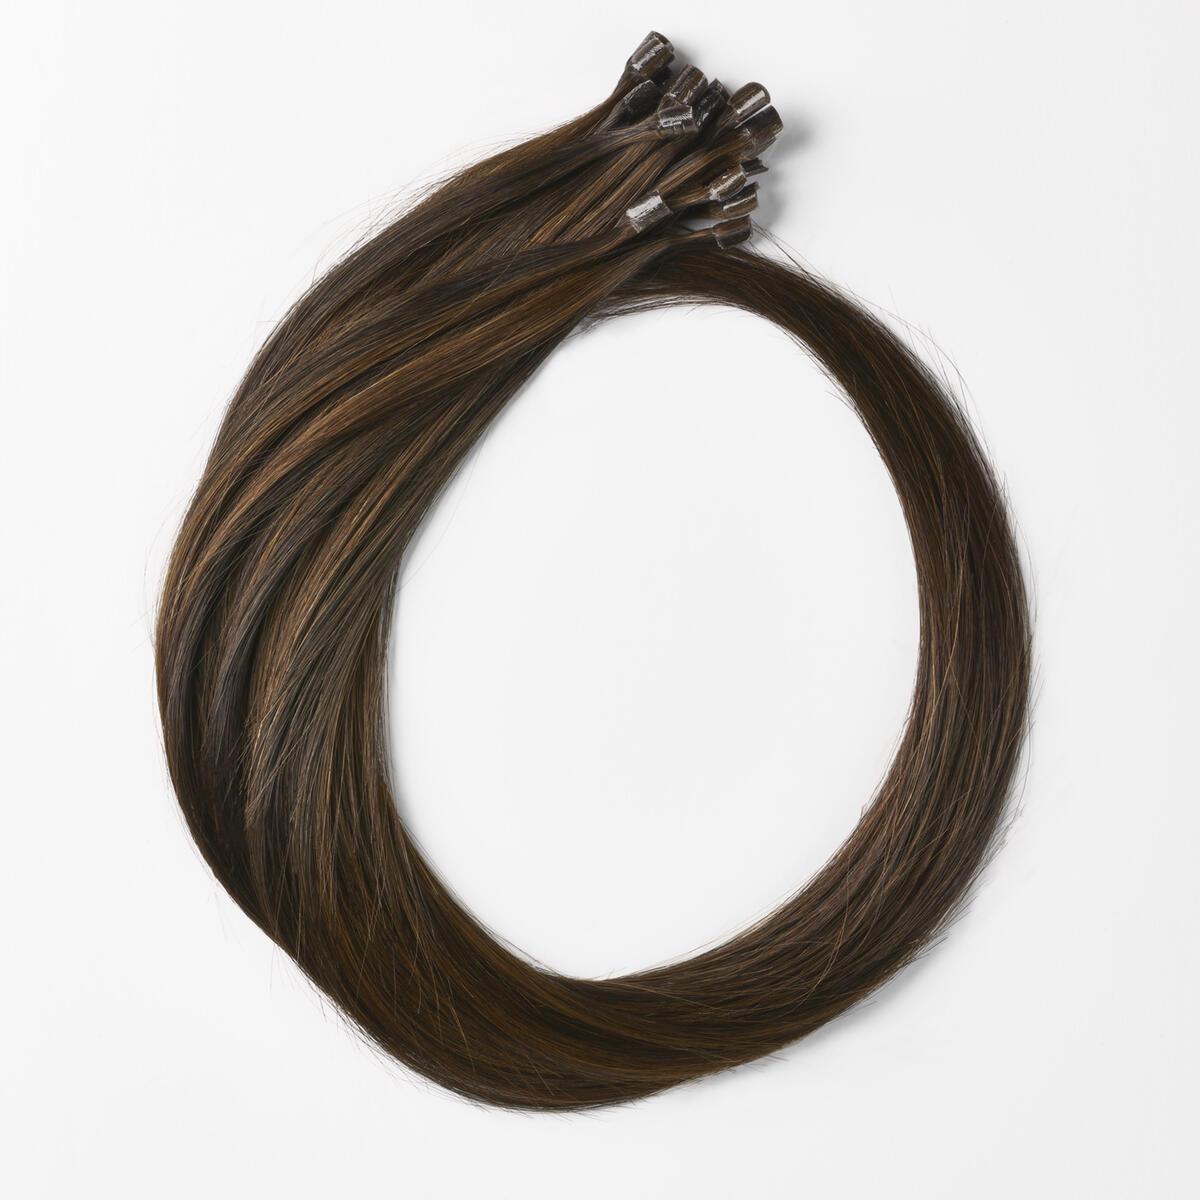 Nail Hair Premium C2.0/2.3 Deep Brown Caramel ColorMelt 50 cm